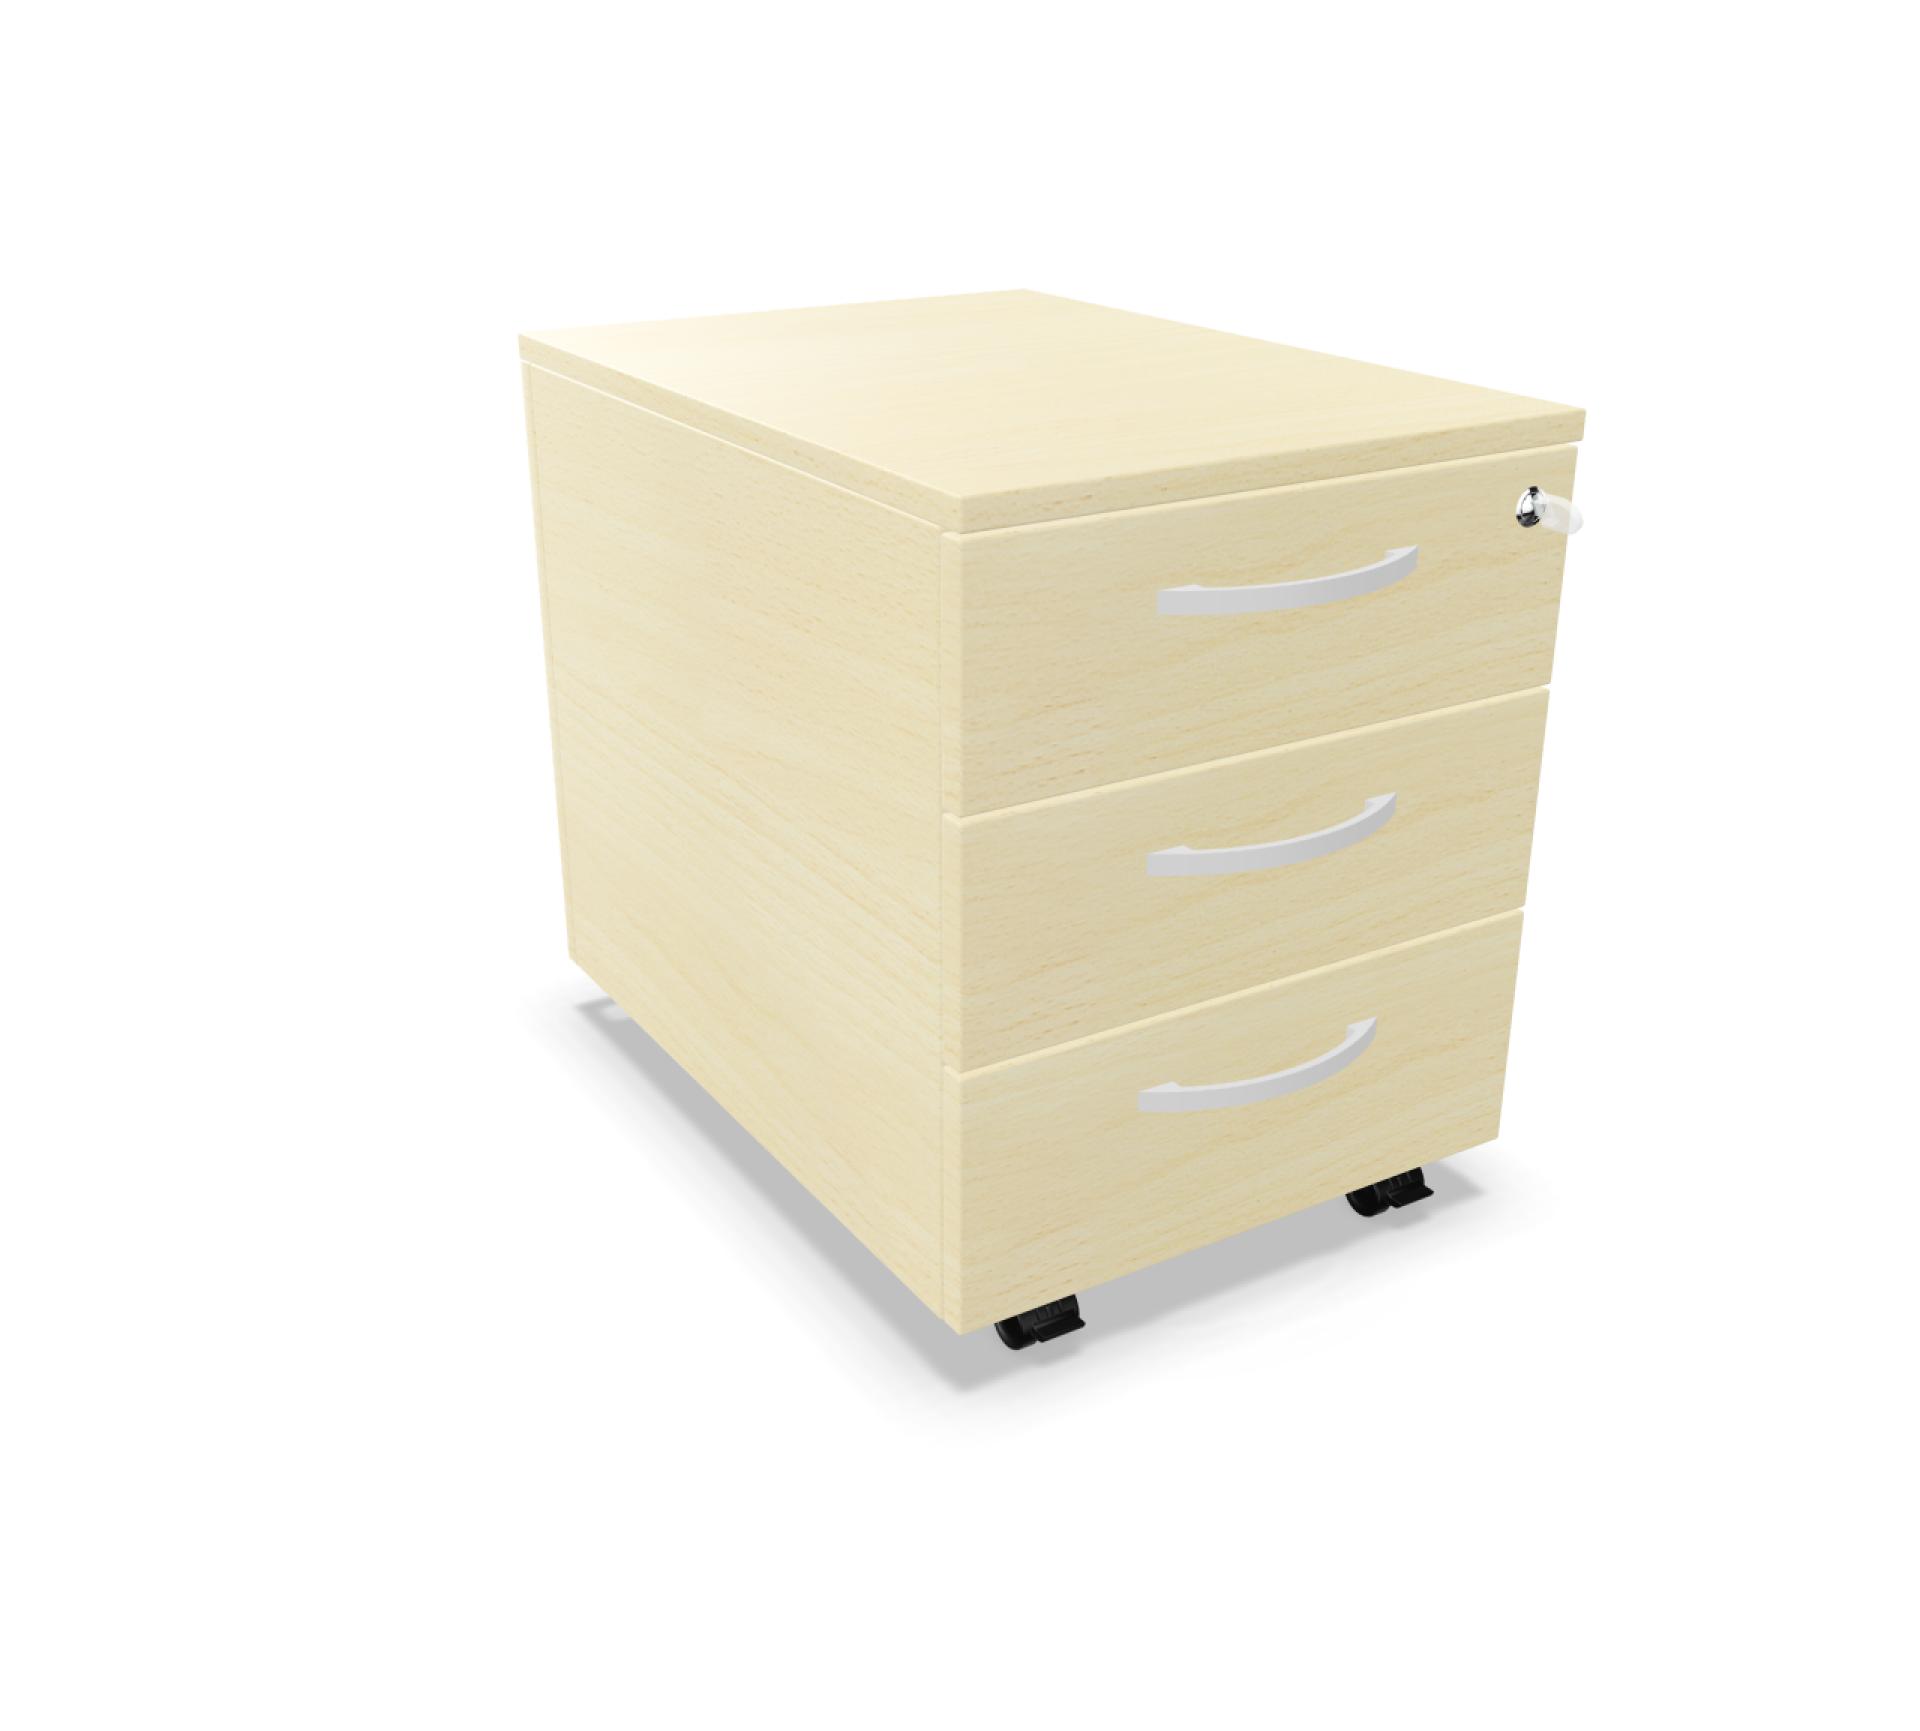 OrgaPlus Rollcontainer von Palmberg